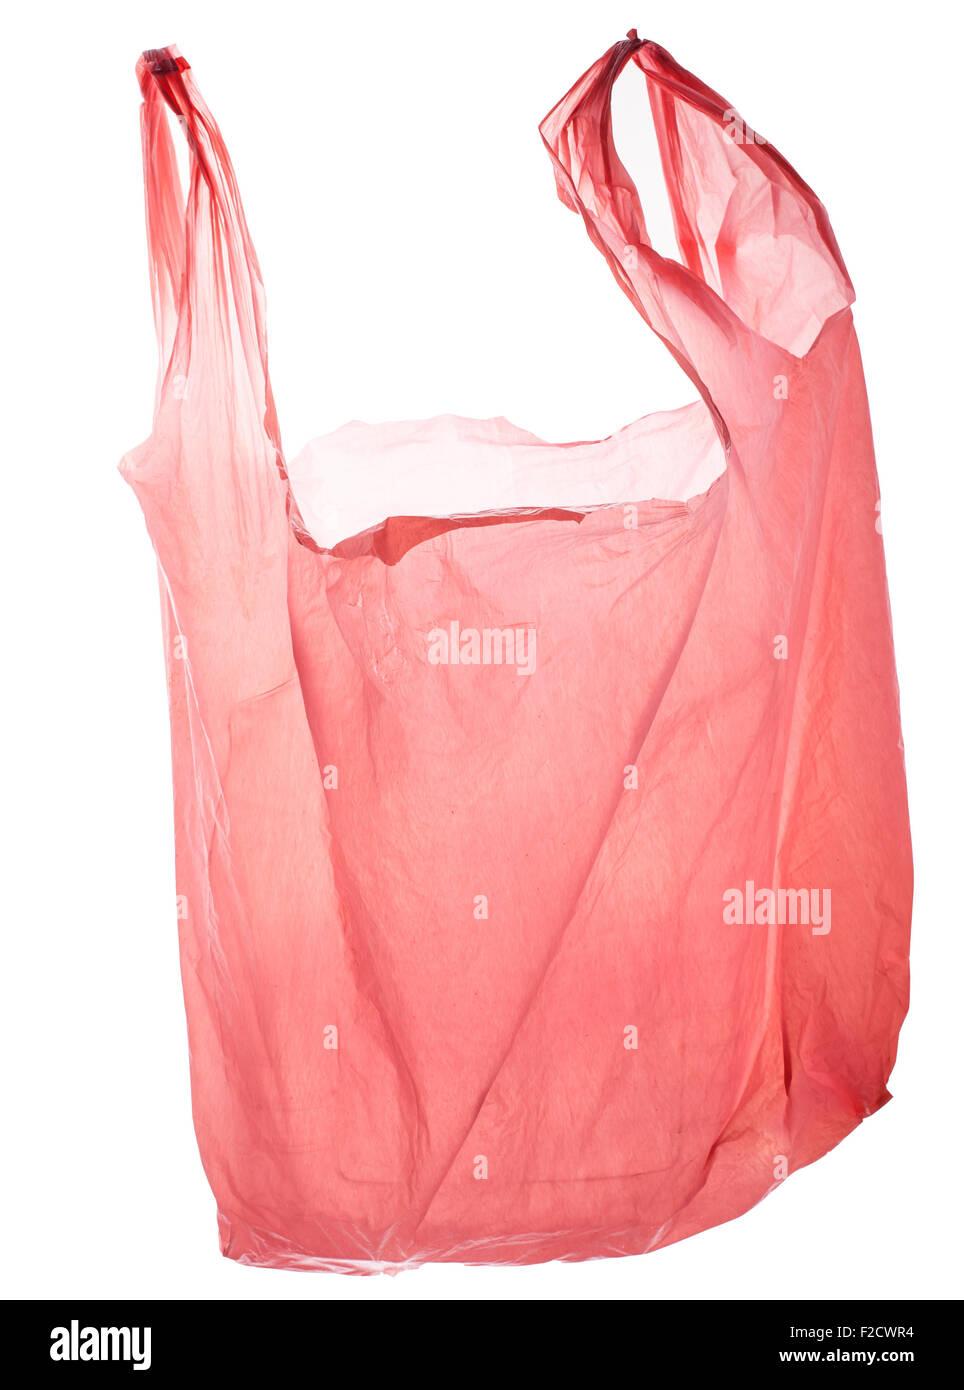 Sac en plastique rose vide, éclairé, flottant Photo Stock